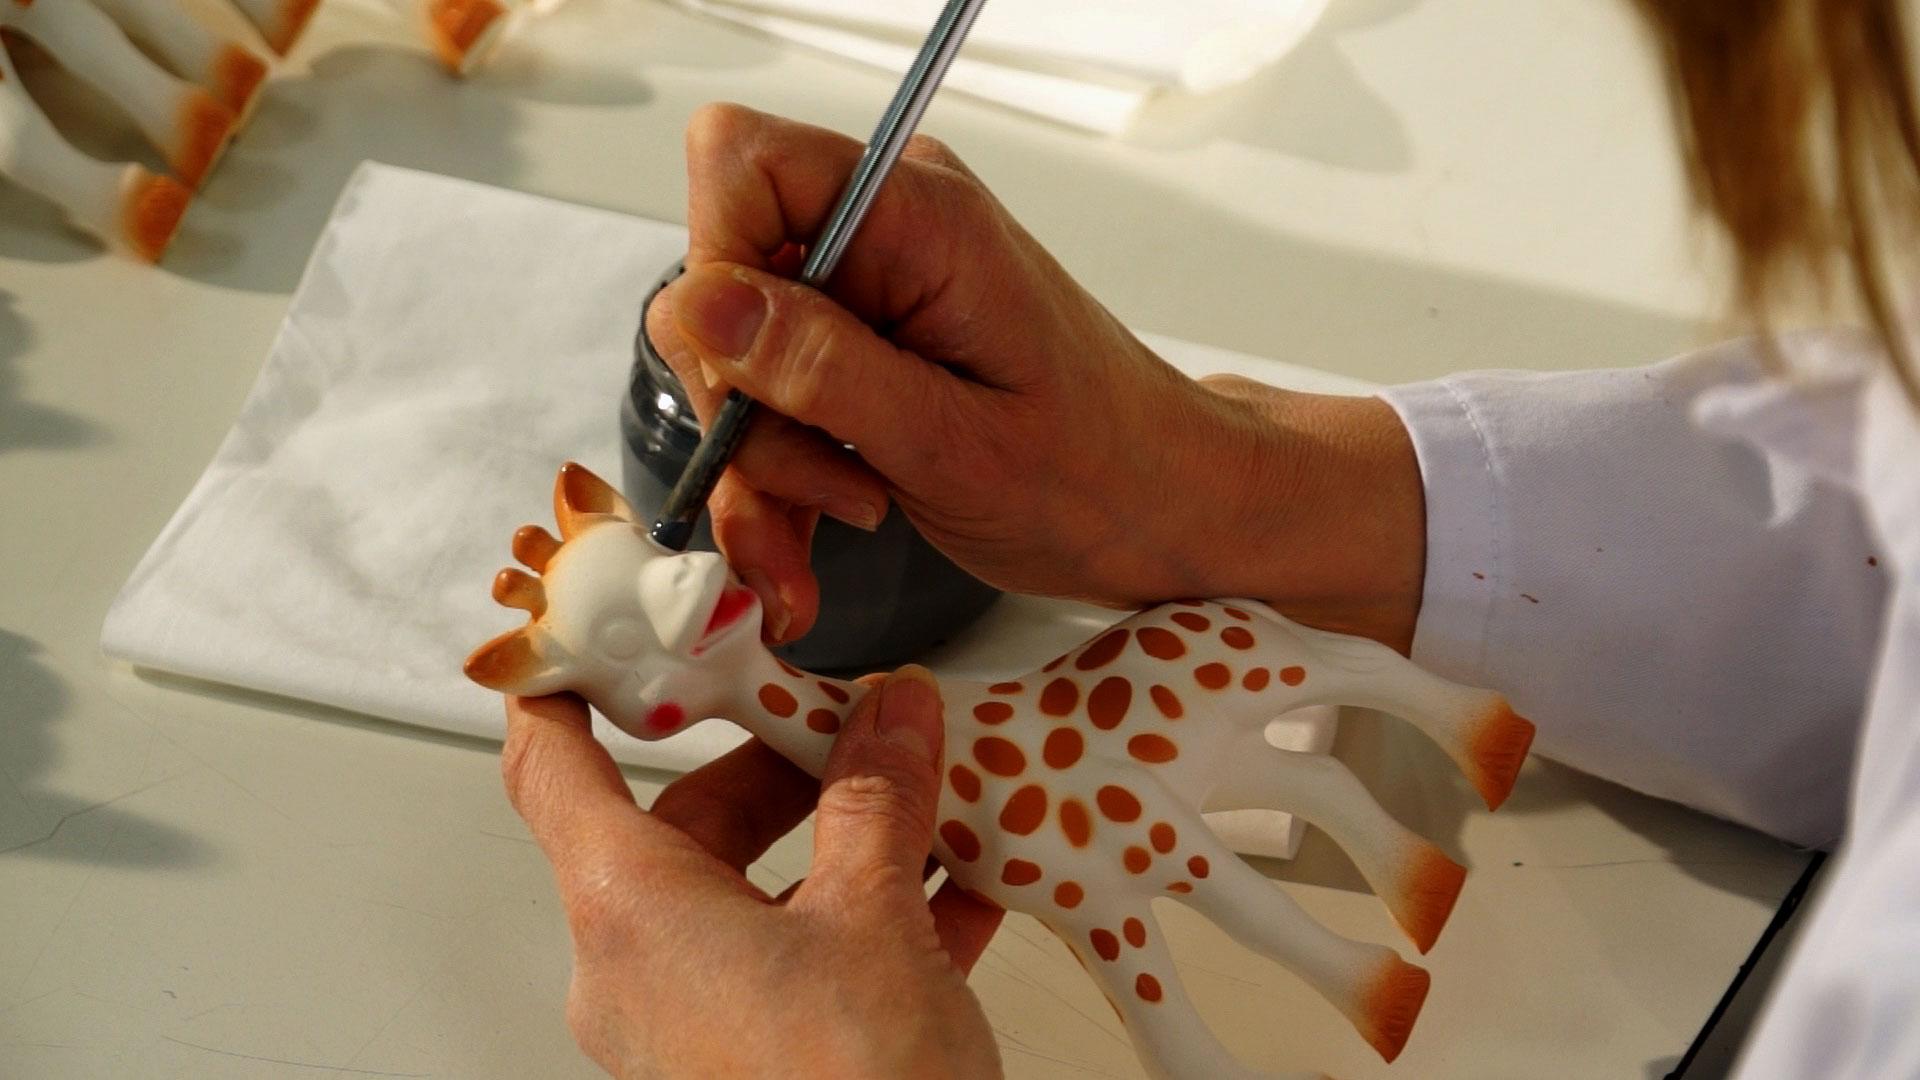 Making Sophie La Girafe